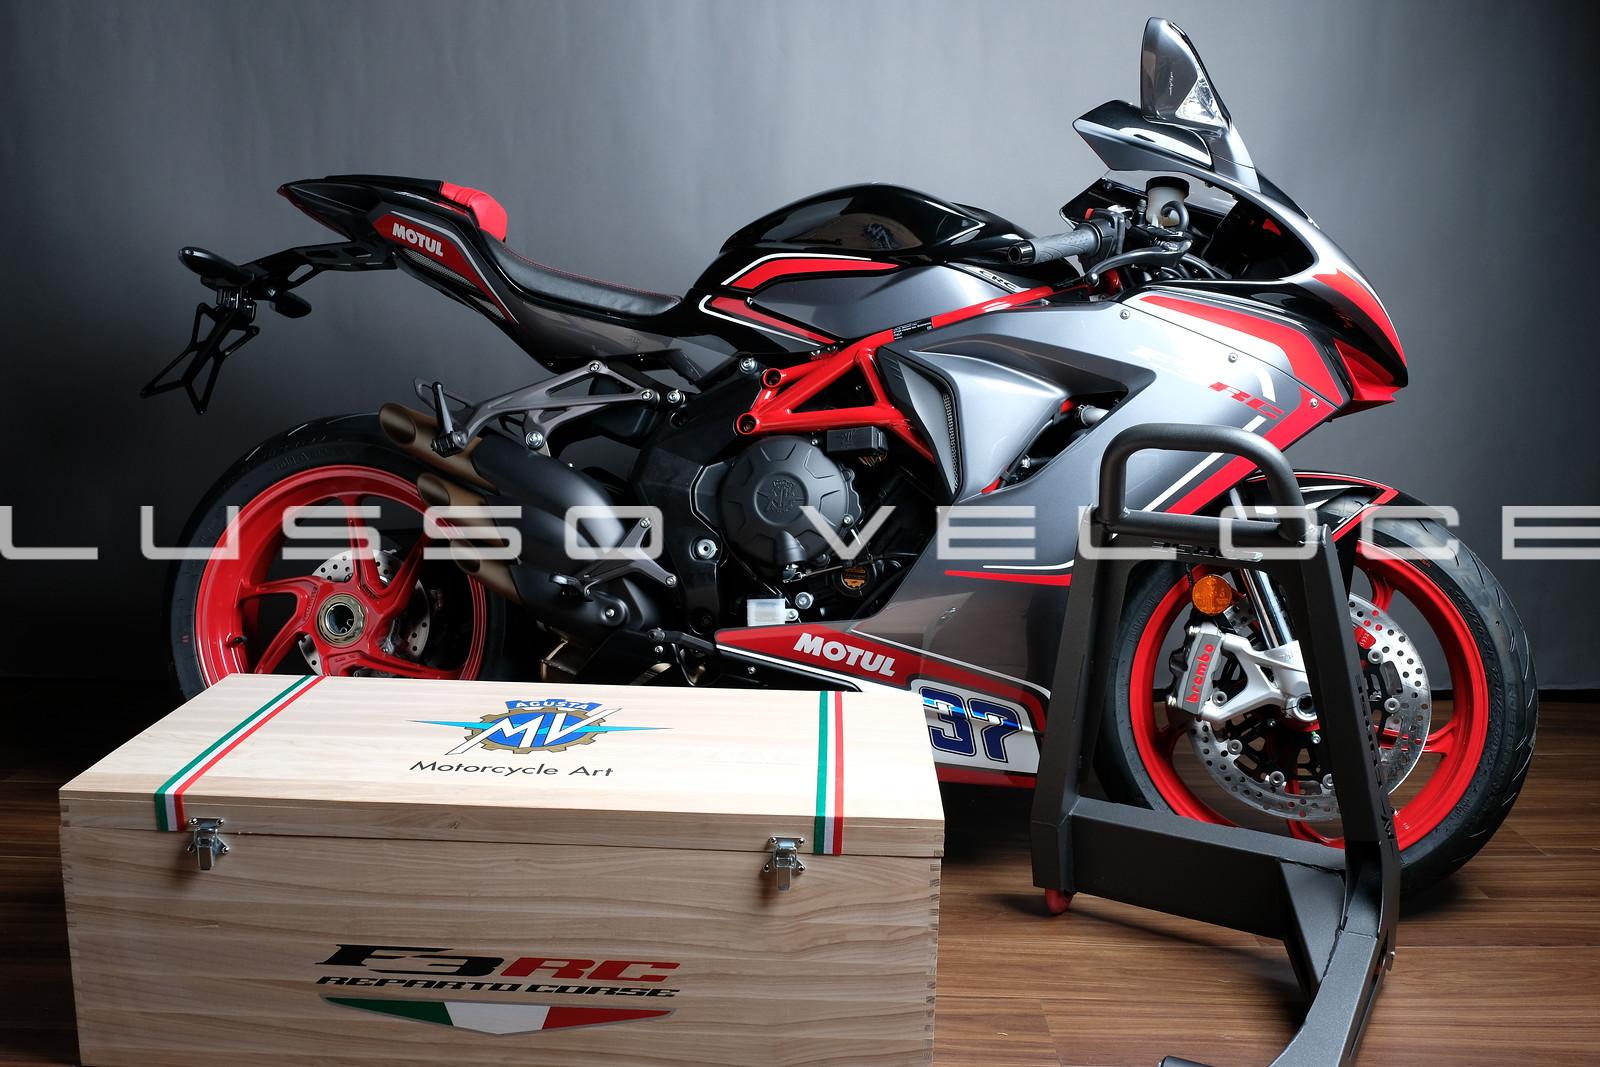 MV Agusta F3 RC special edition